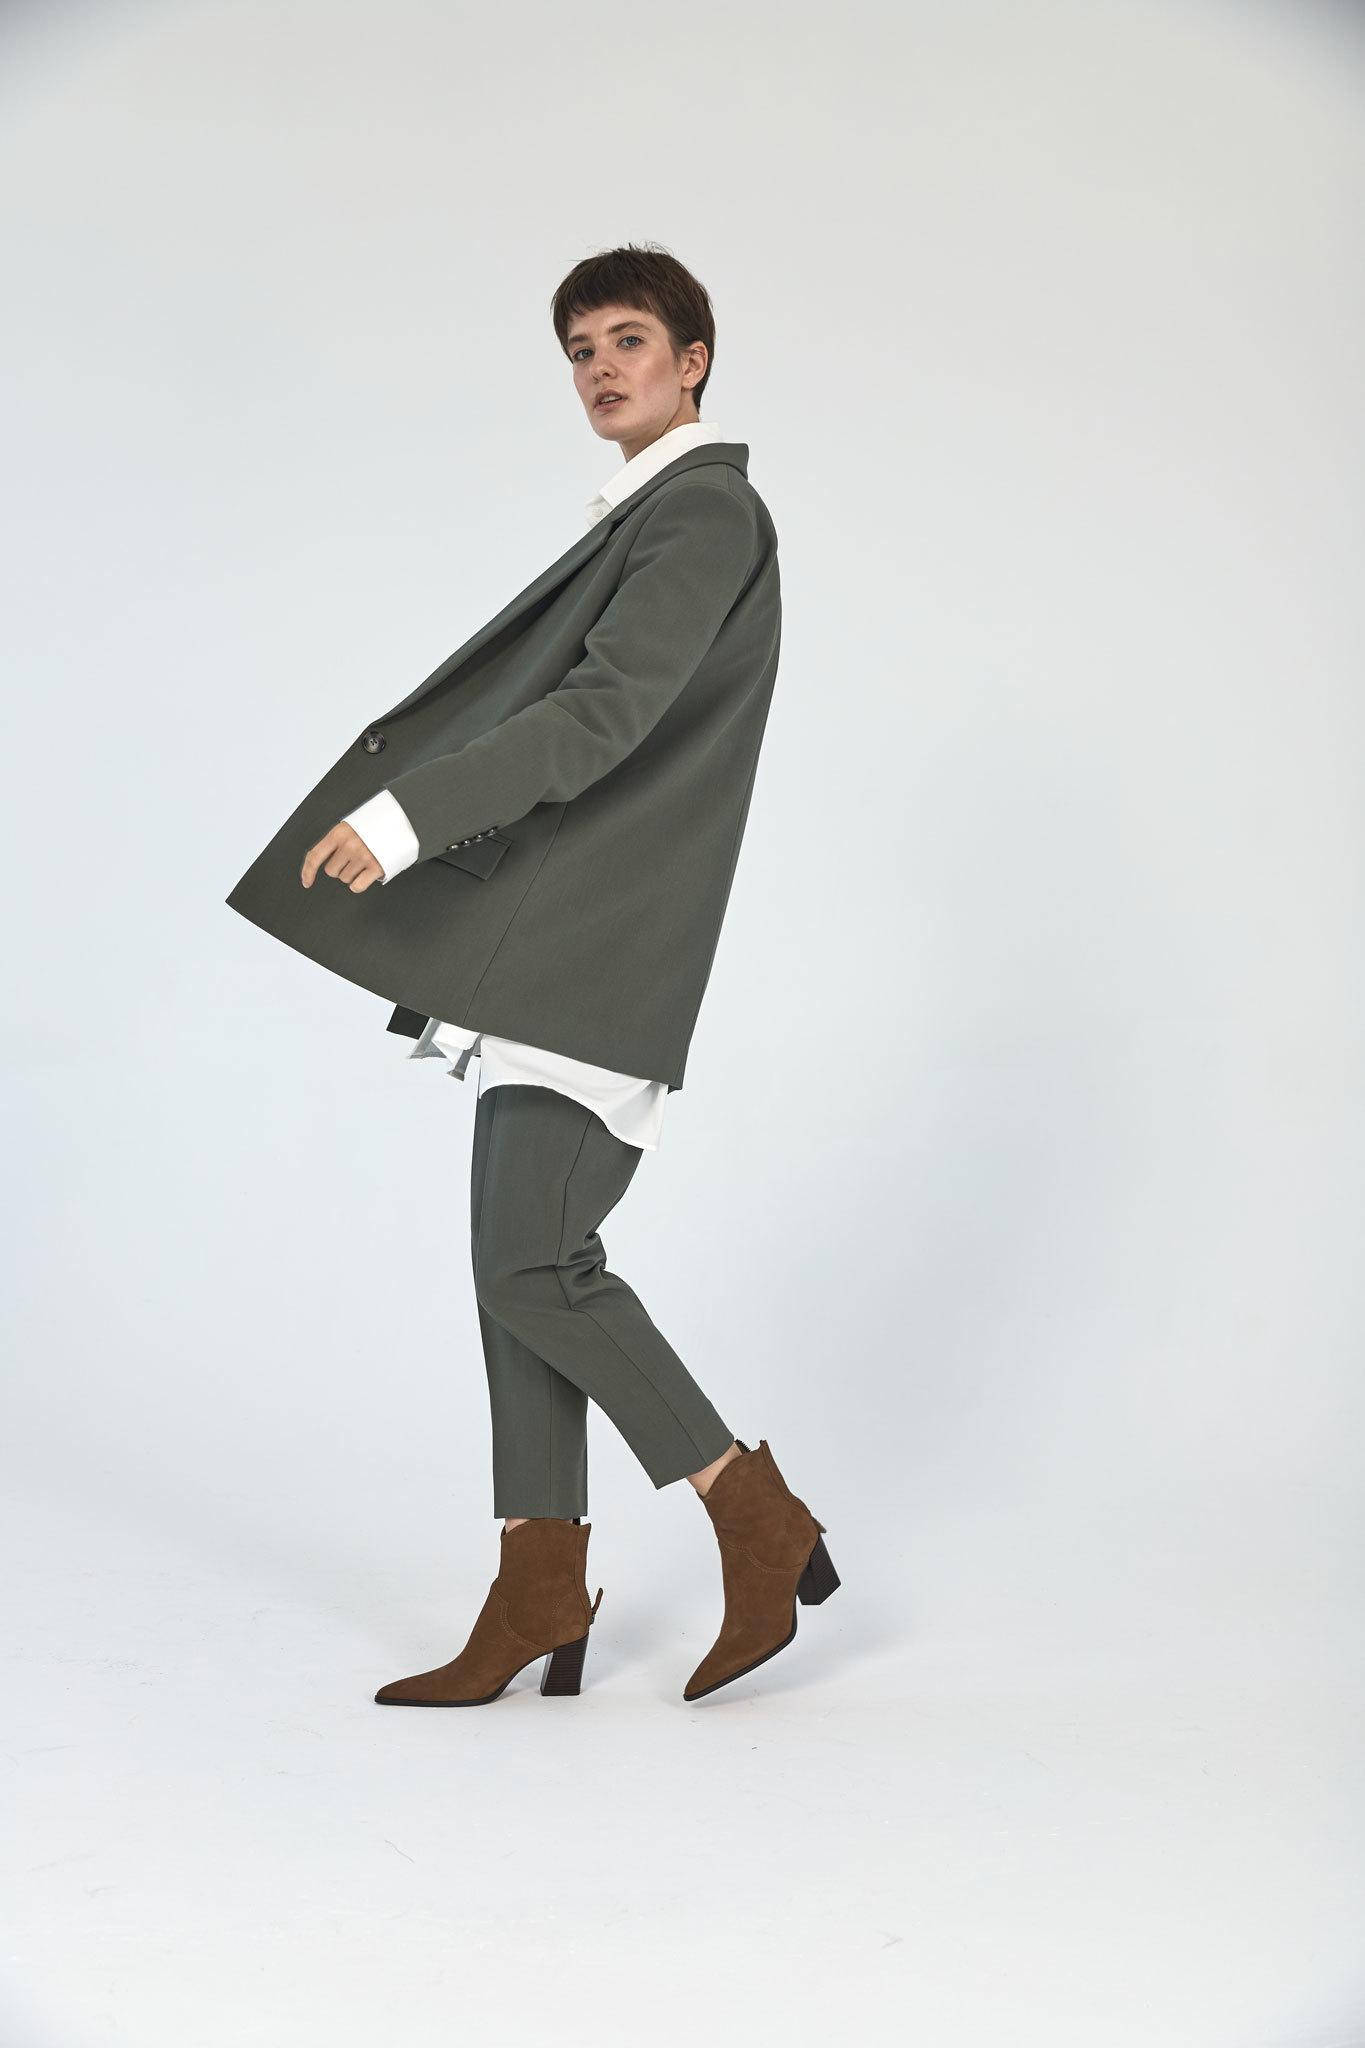 Жакет с большим плечом (костюмный твил), шалфей